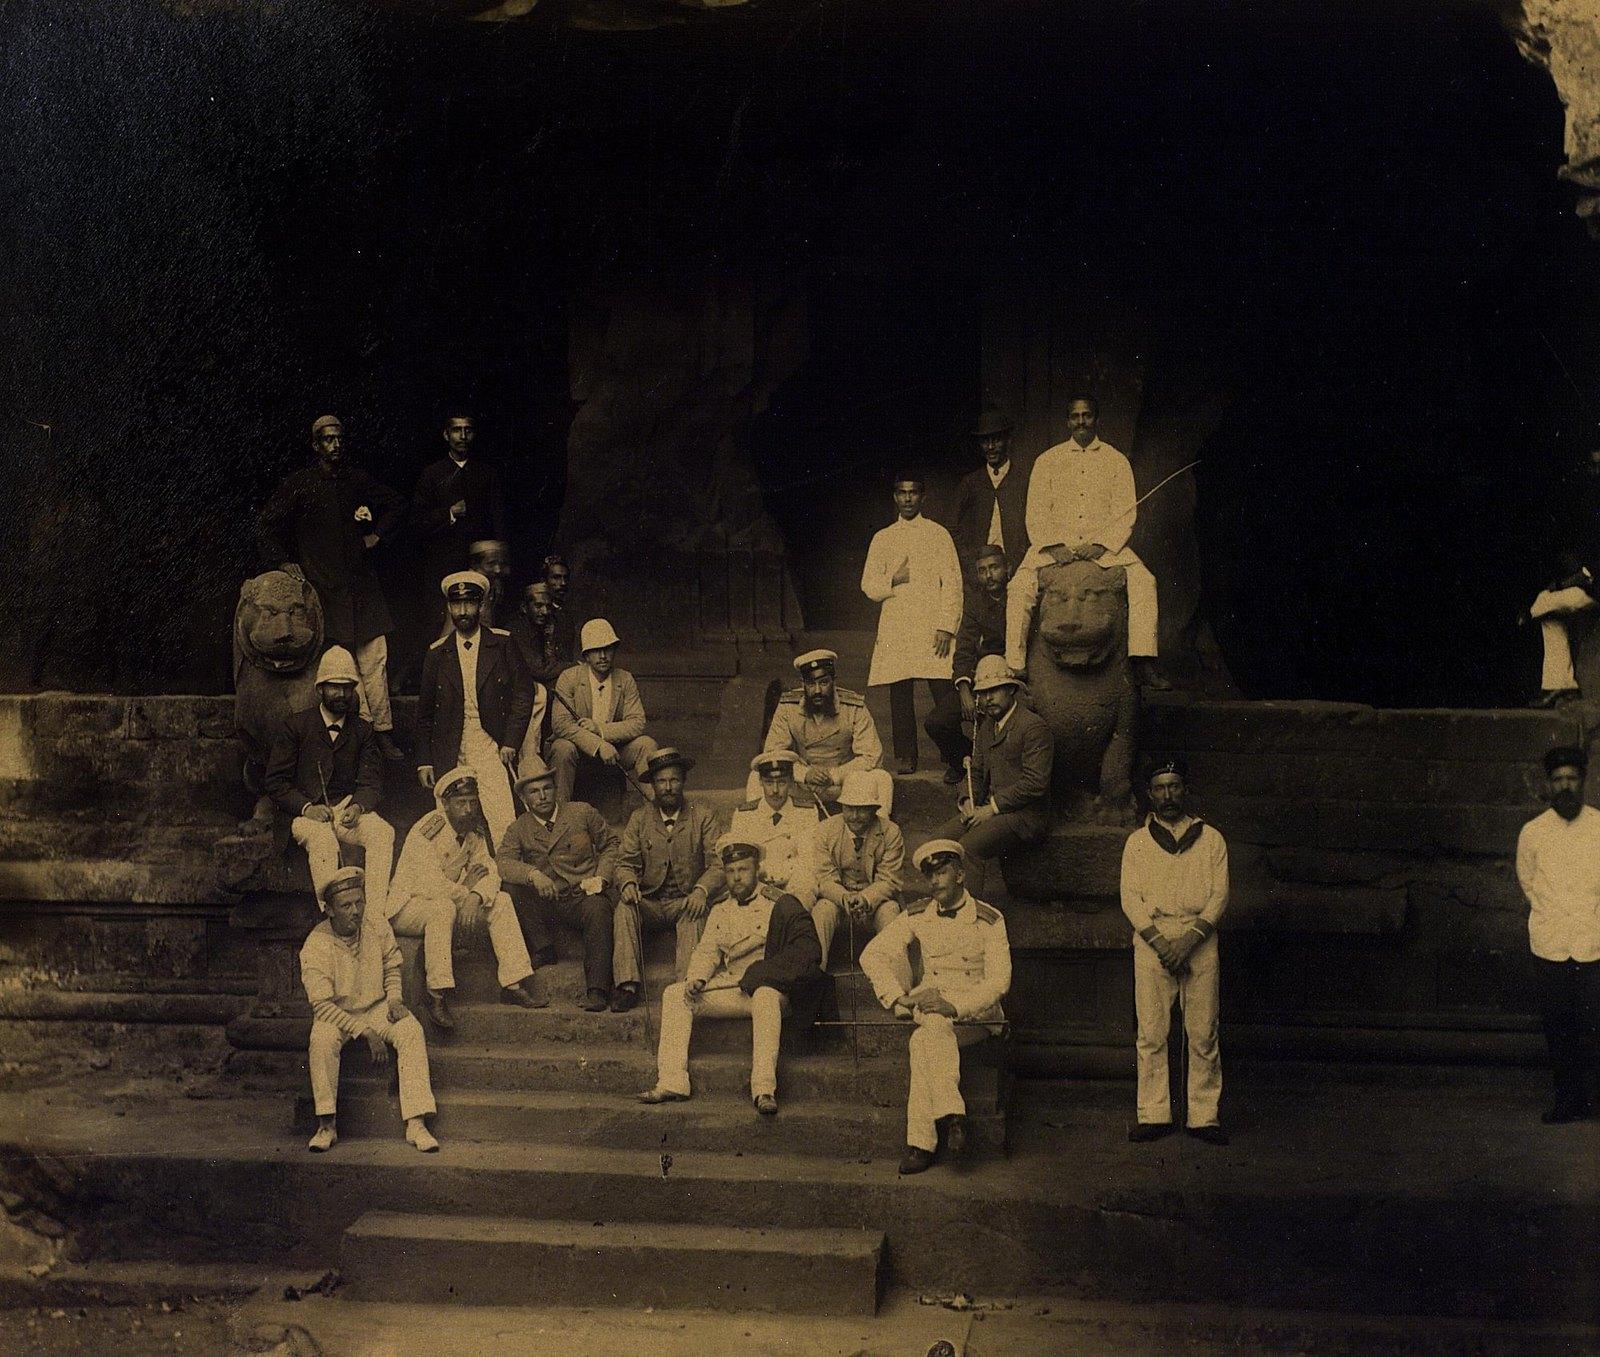 02. 1890. Индия. Групповой портрет в пещерах Эллоры. Штат Махараштра